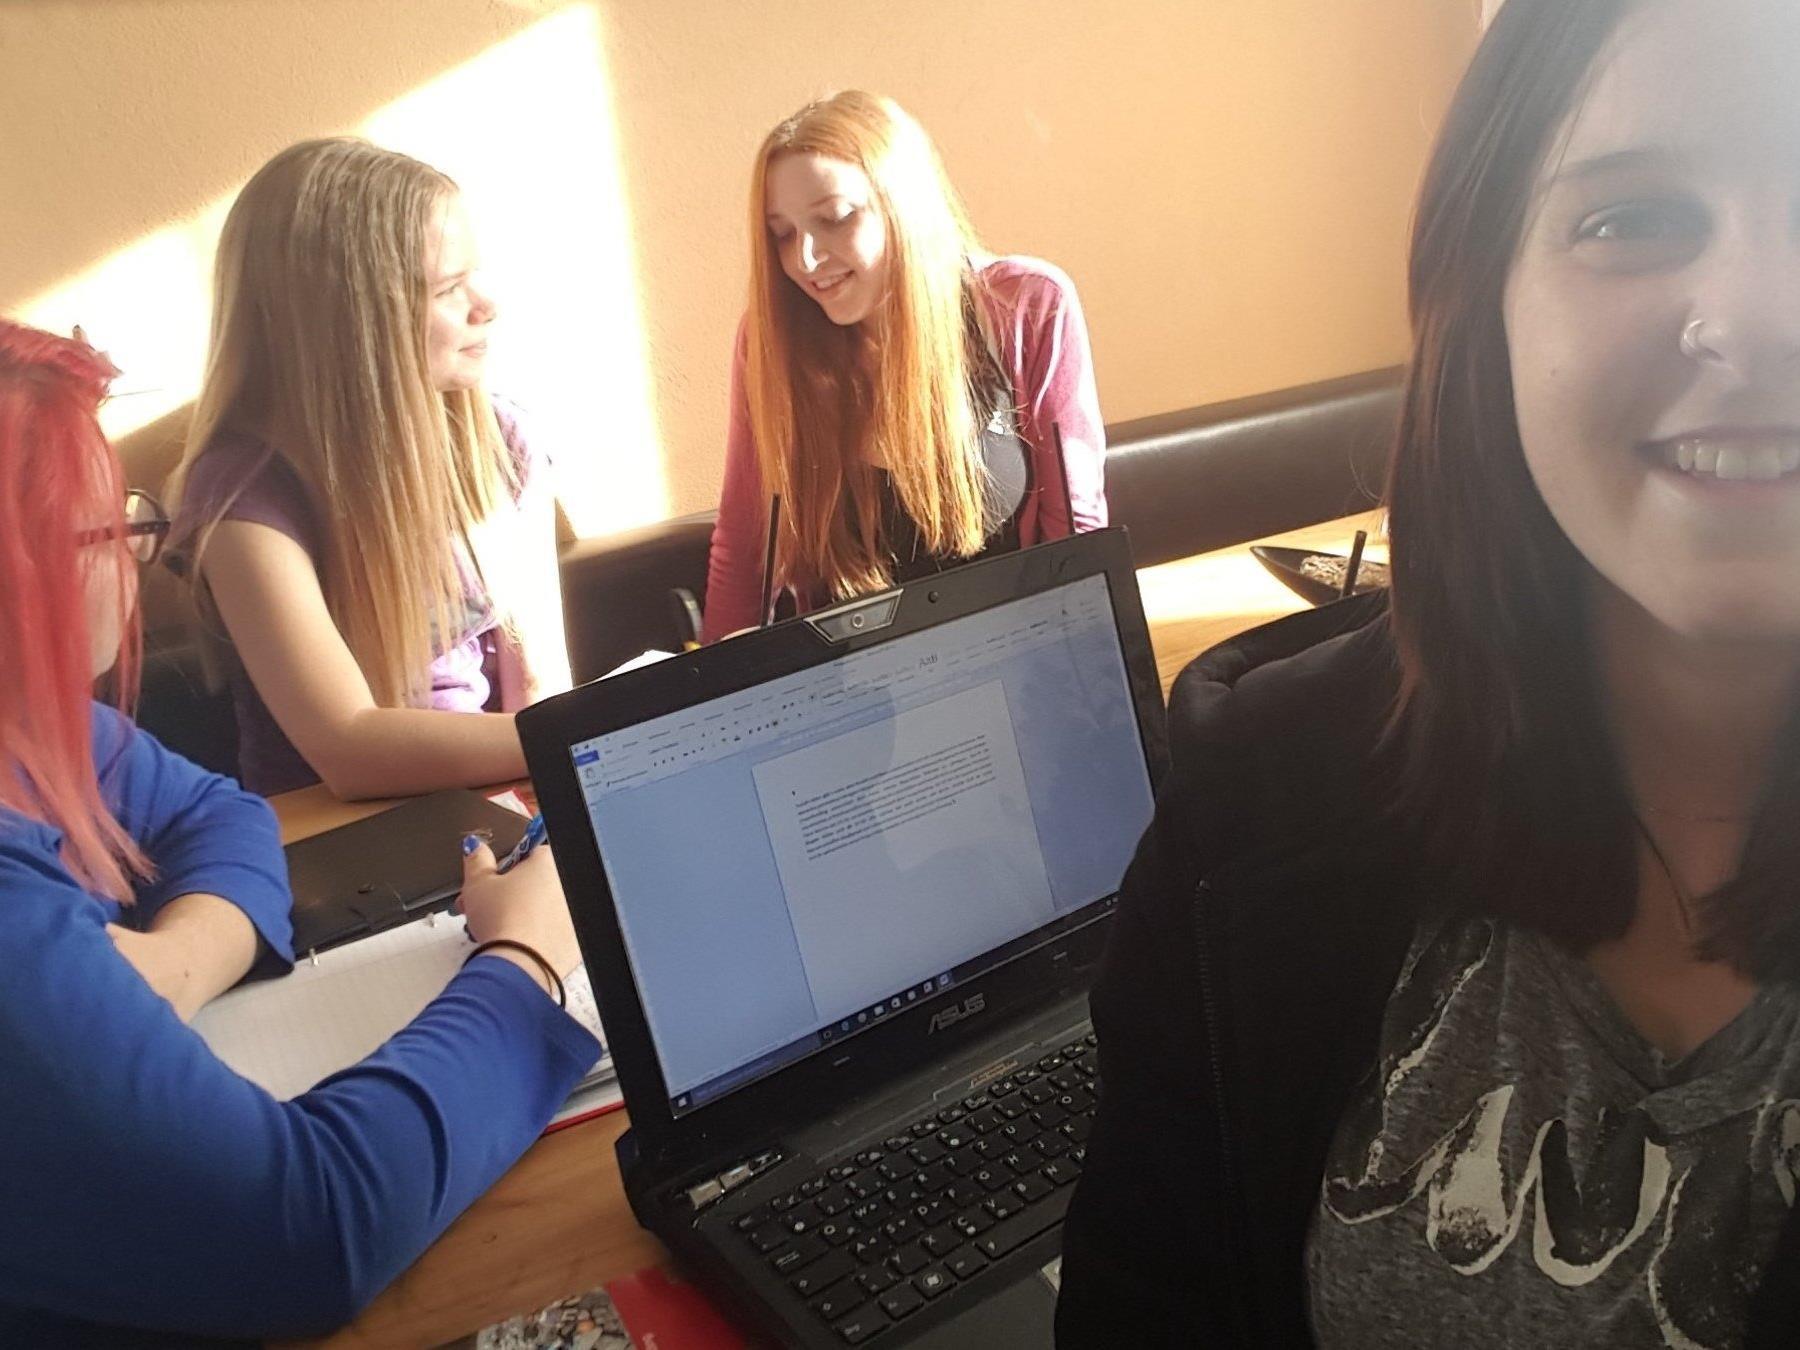 Die vier Schülerinnen befassen sich mit dem Thema Crowdfunding.